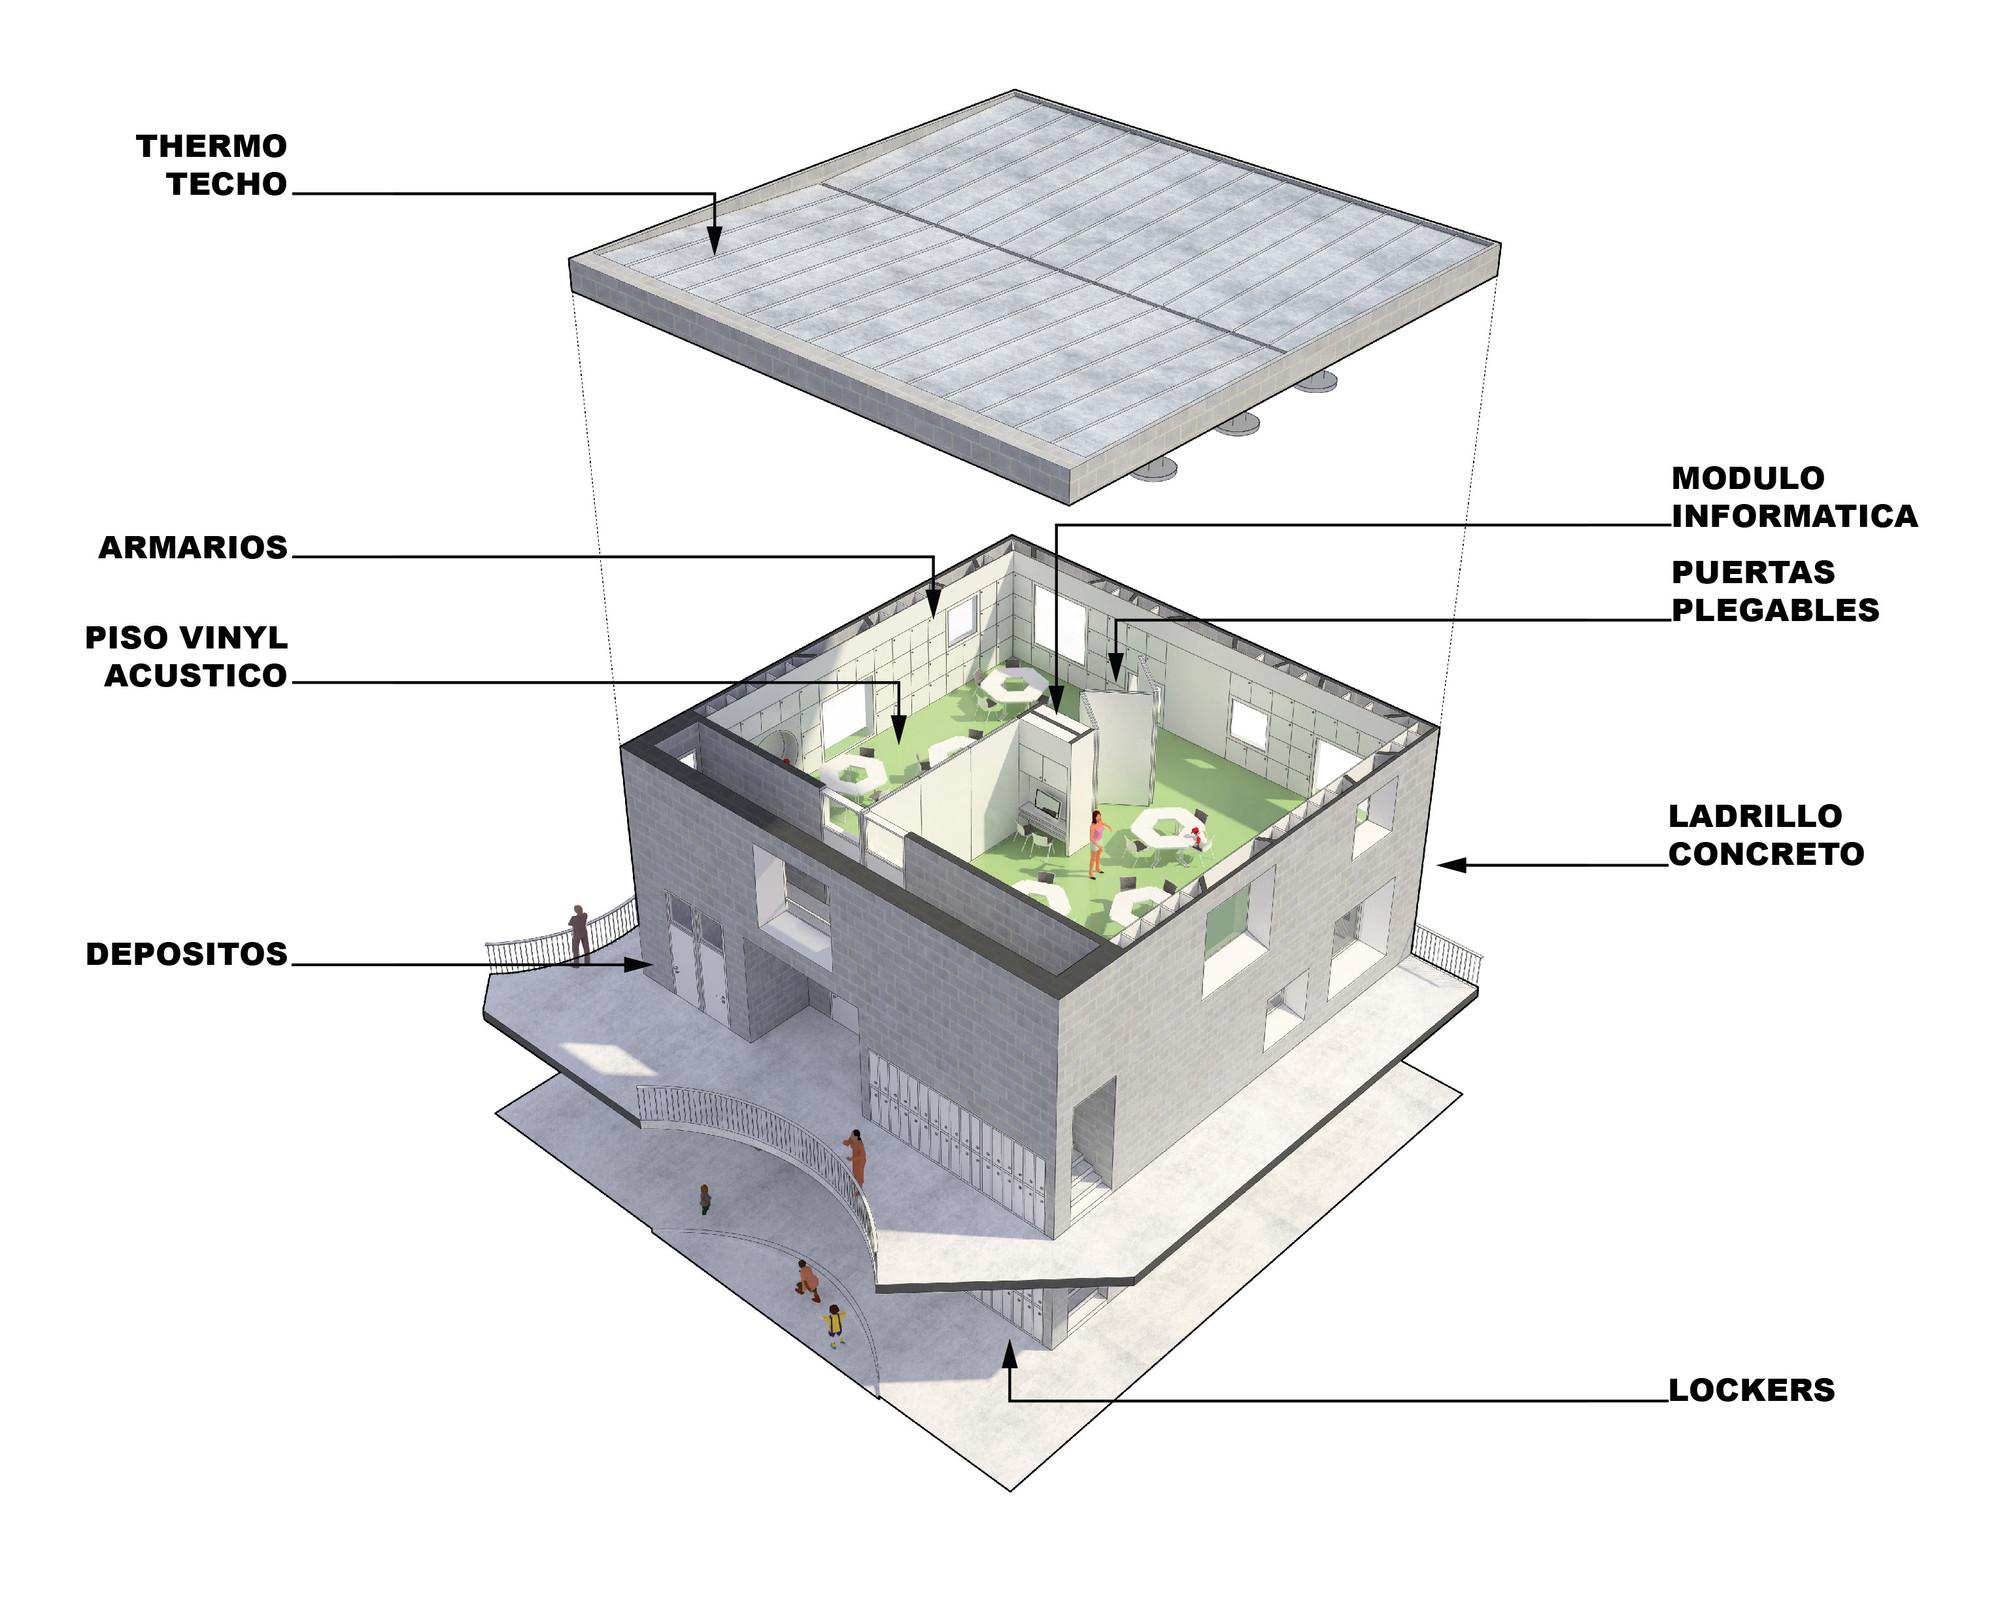 Isométrica aula. Image Courtesy of MASUNOSTUDIO